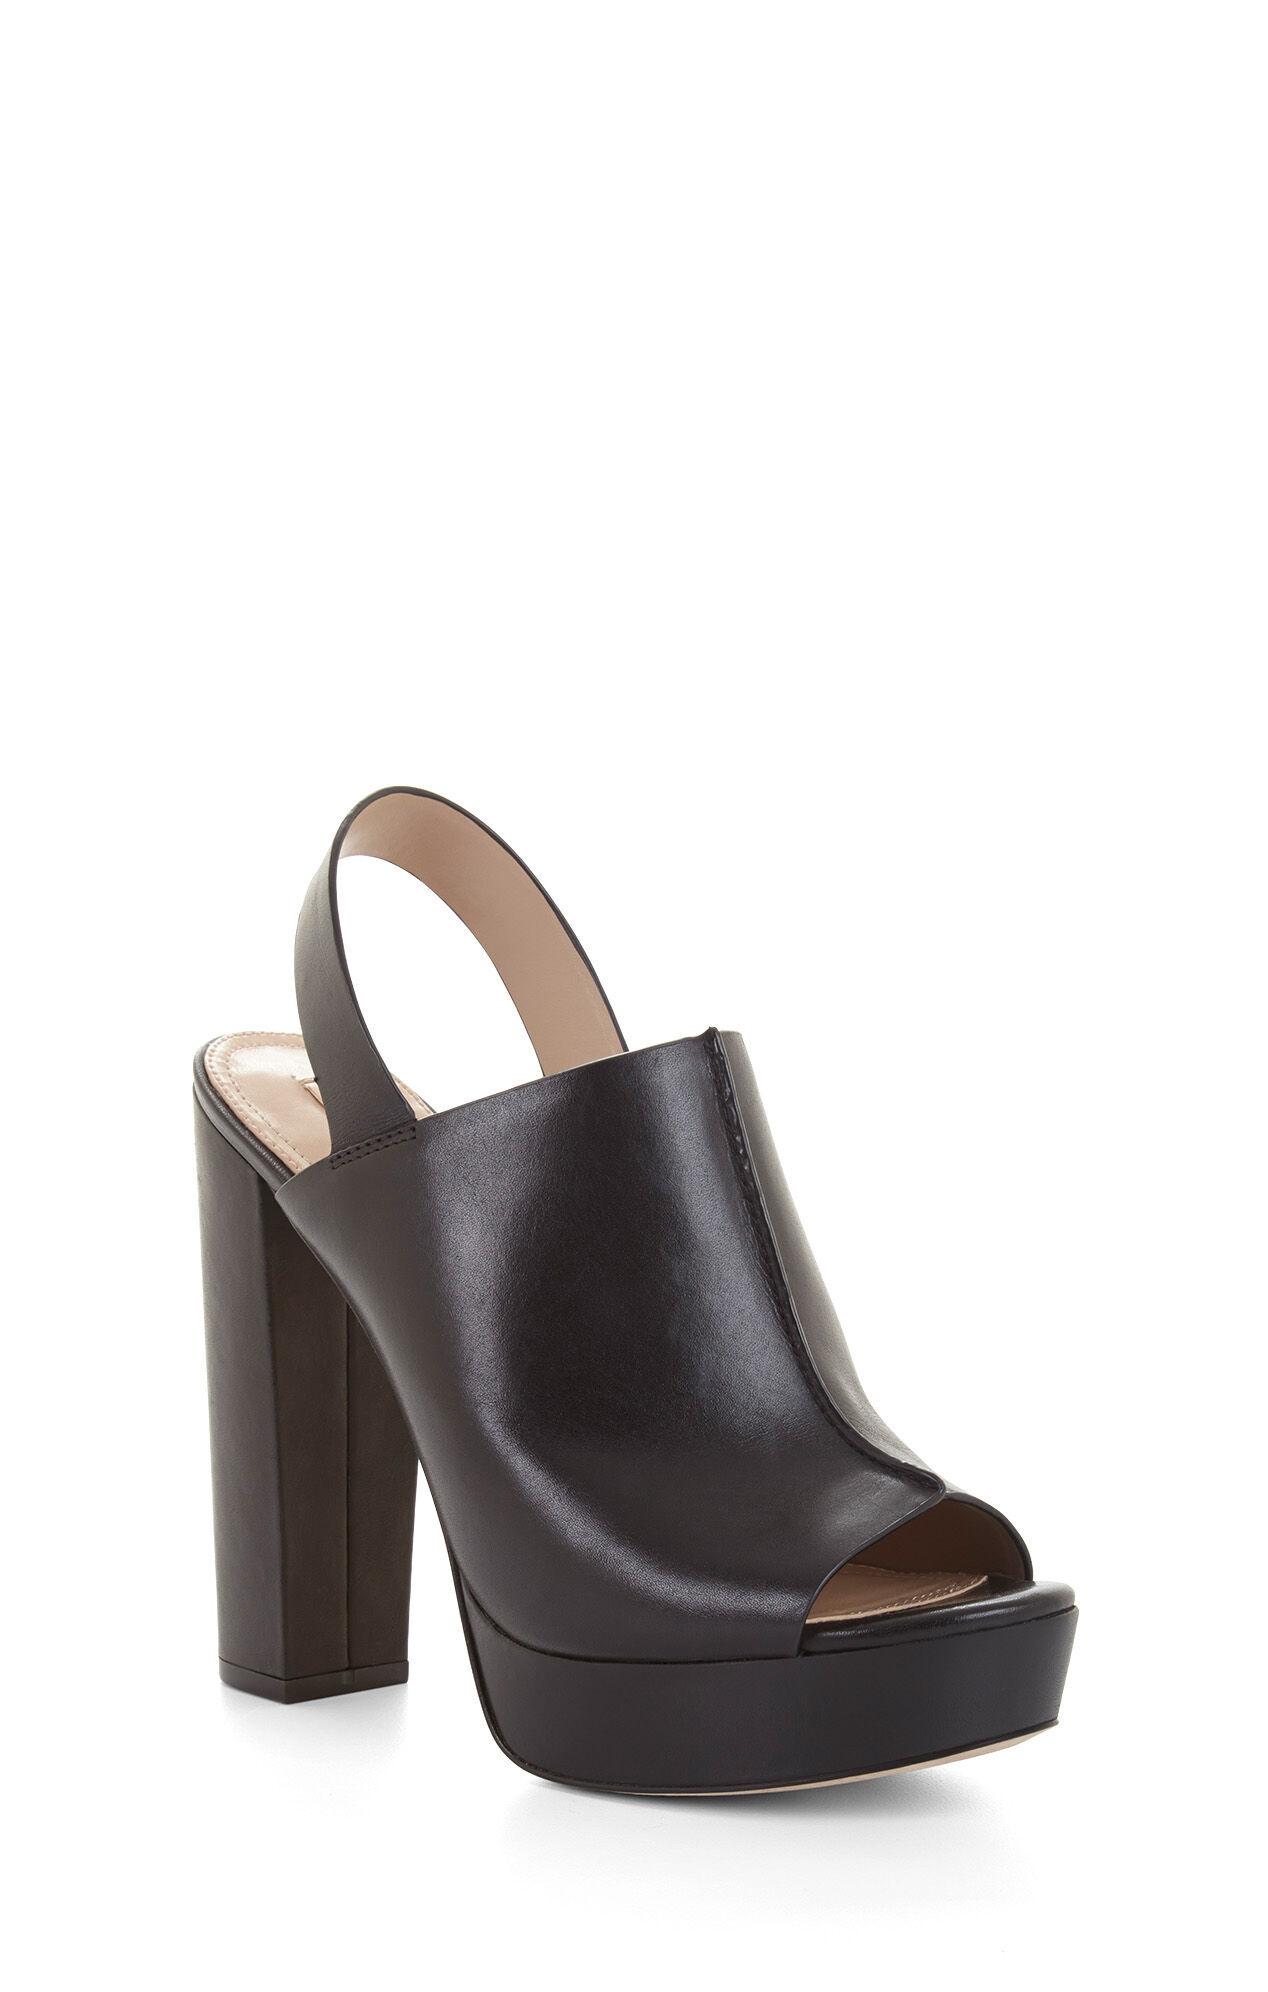 Black sandals dune - Dune High Heel Leather Peep Toe Sandal